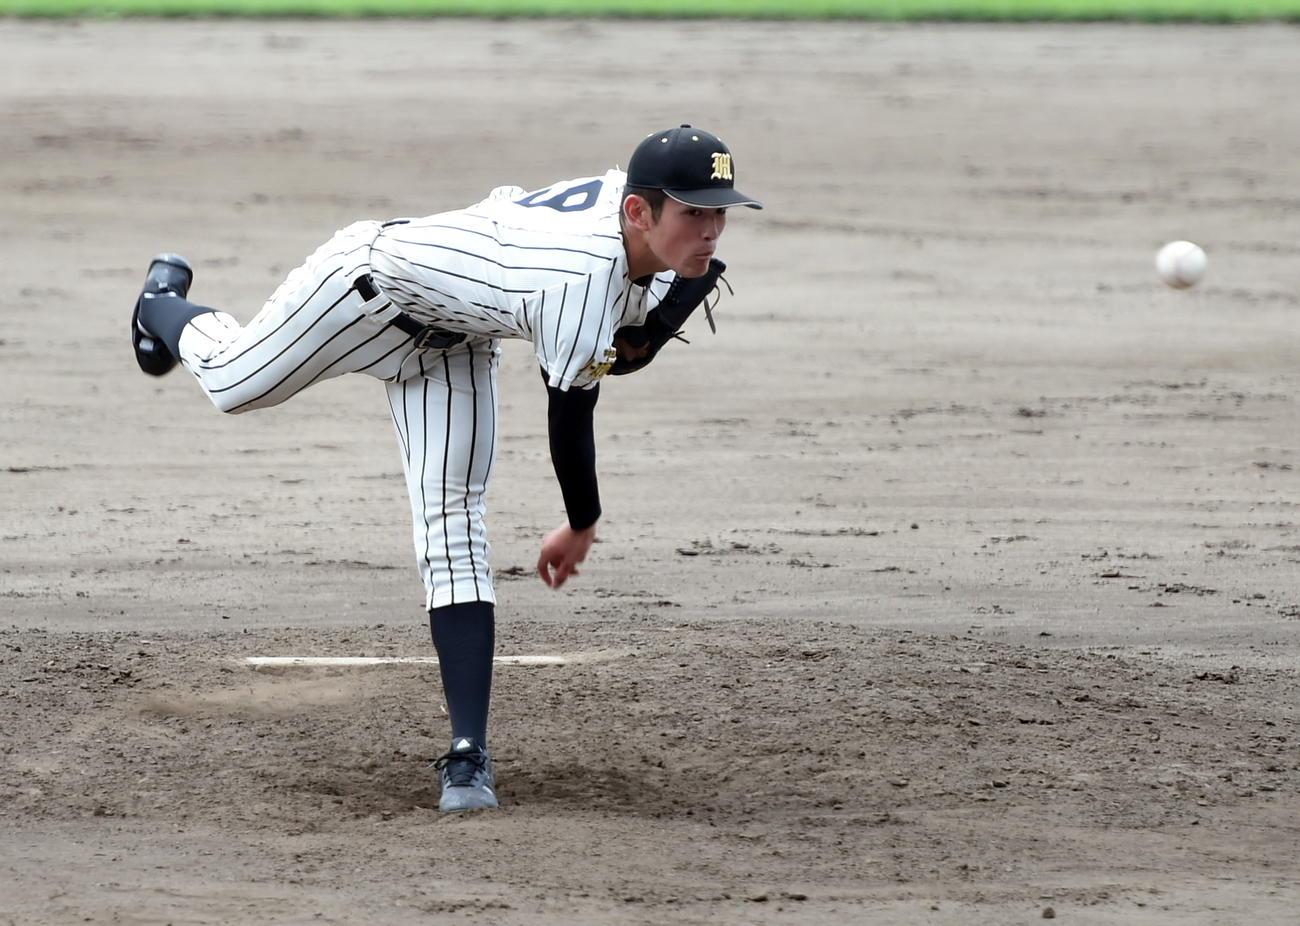 秋田西対明桜 2番手で圧巻の投球を披露した明桜・風間(撮影・山田愛斗)